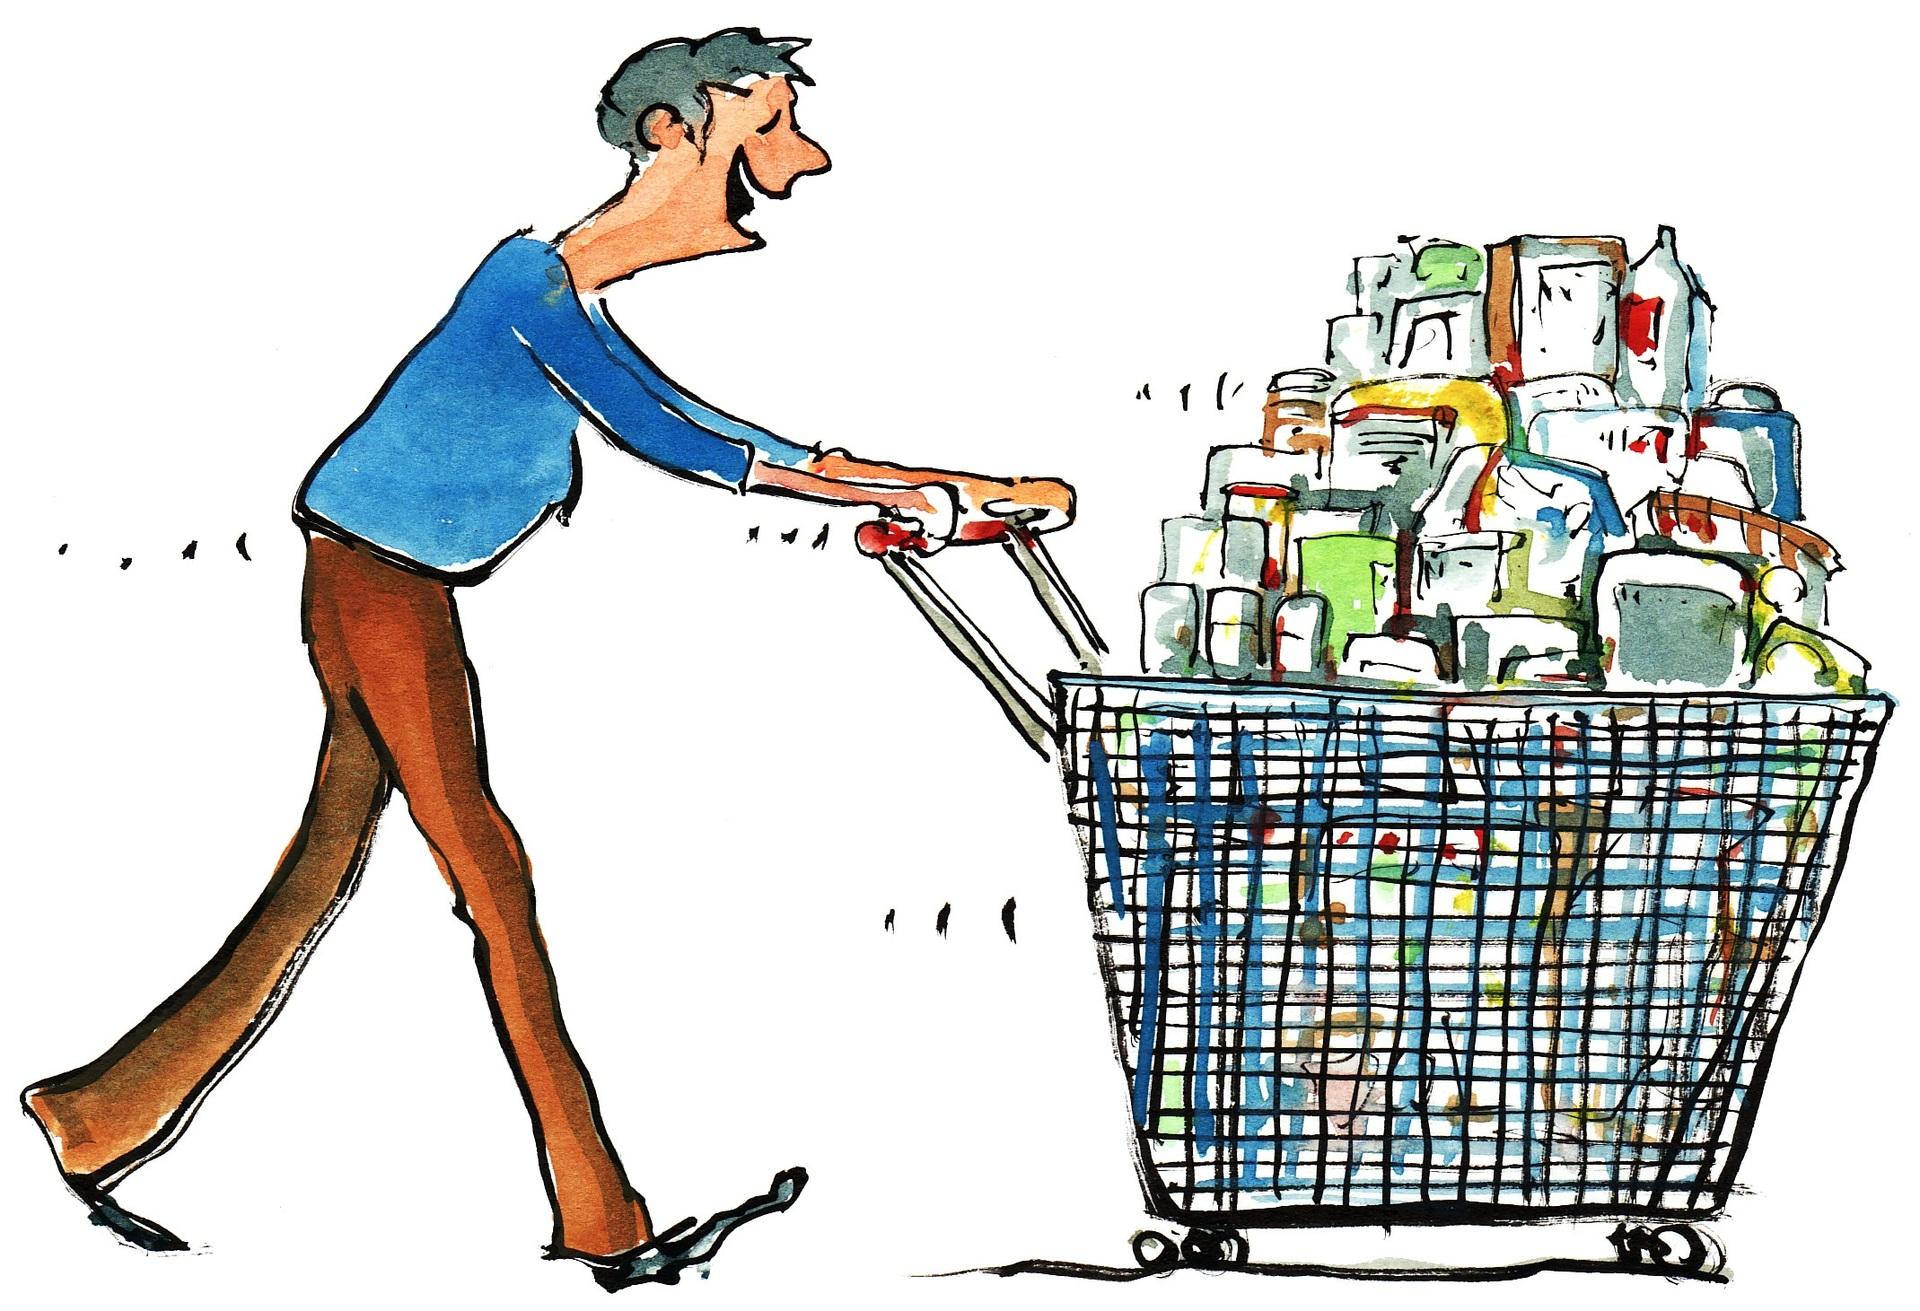 Смешные картинки про походы по магазинам